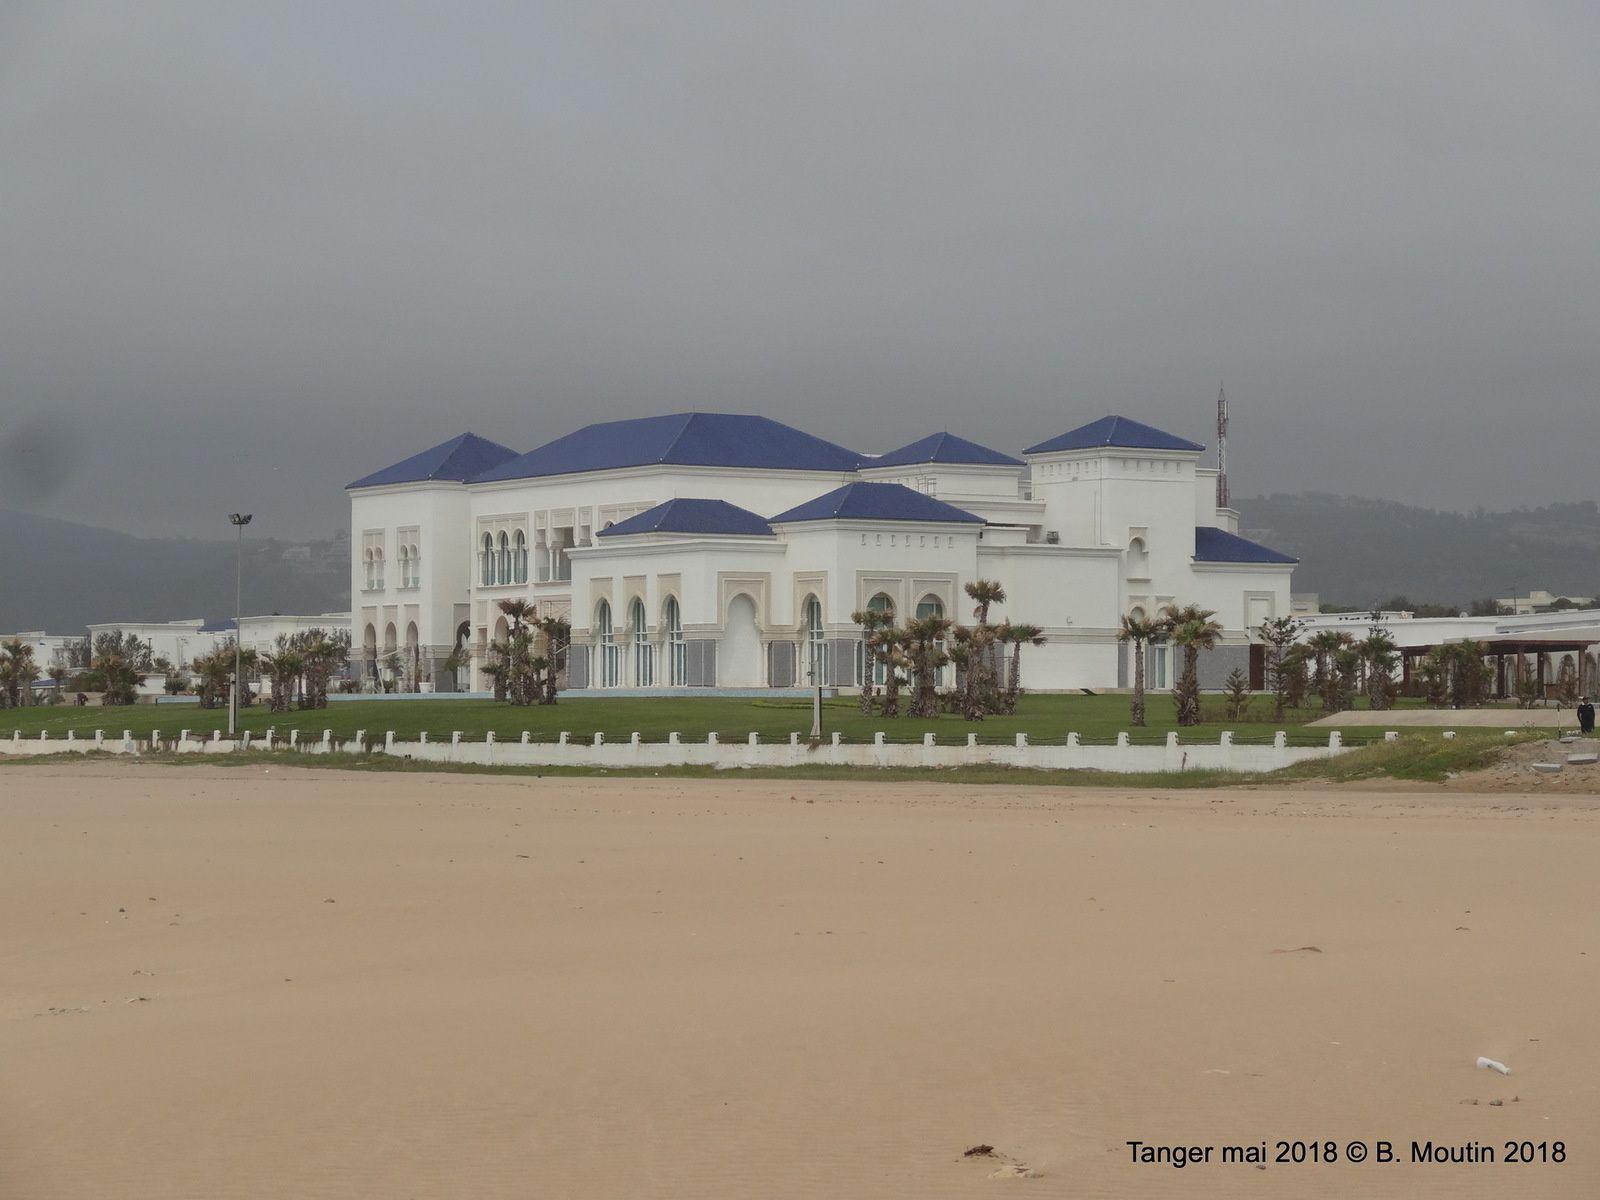 Les palais des rois d'arabie saoudite à Tanger sur la plage de Sidi Kacem (5 photos)